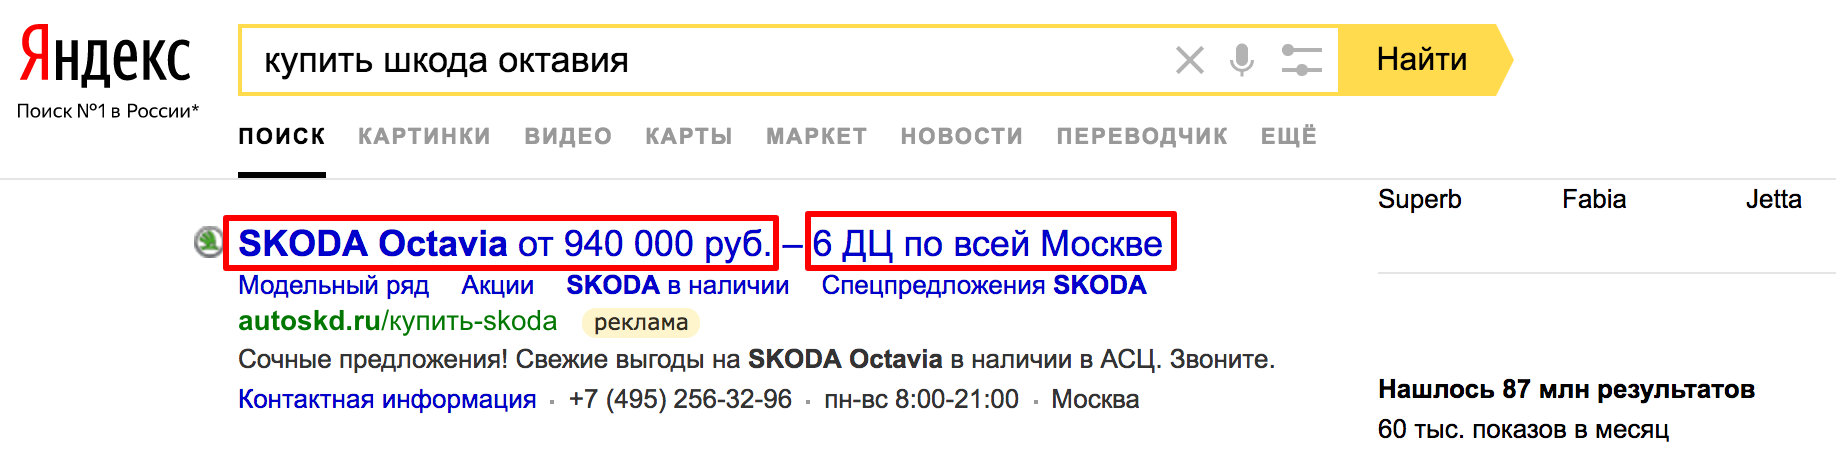 Яндекс директ что существенно расширило продвижение собственной интернет странички 3 реклама размещение рекламных материалов проф